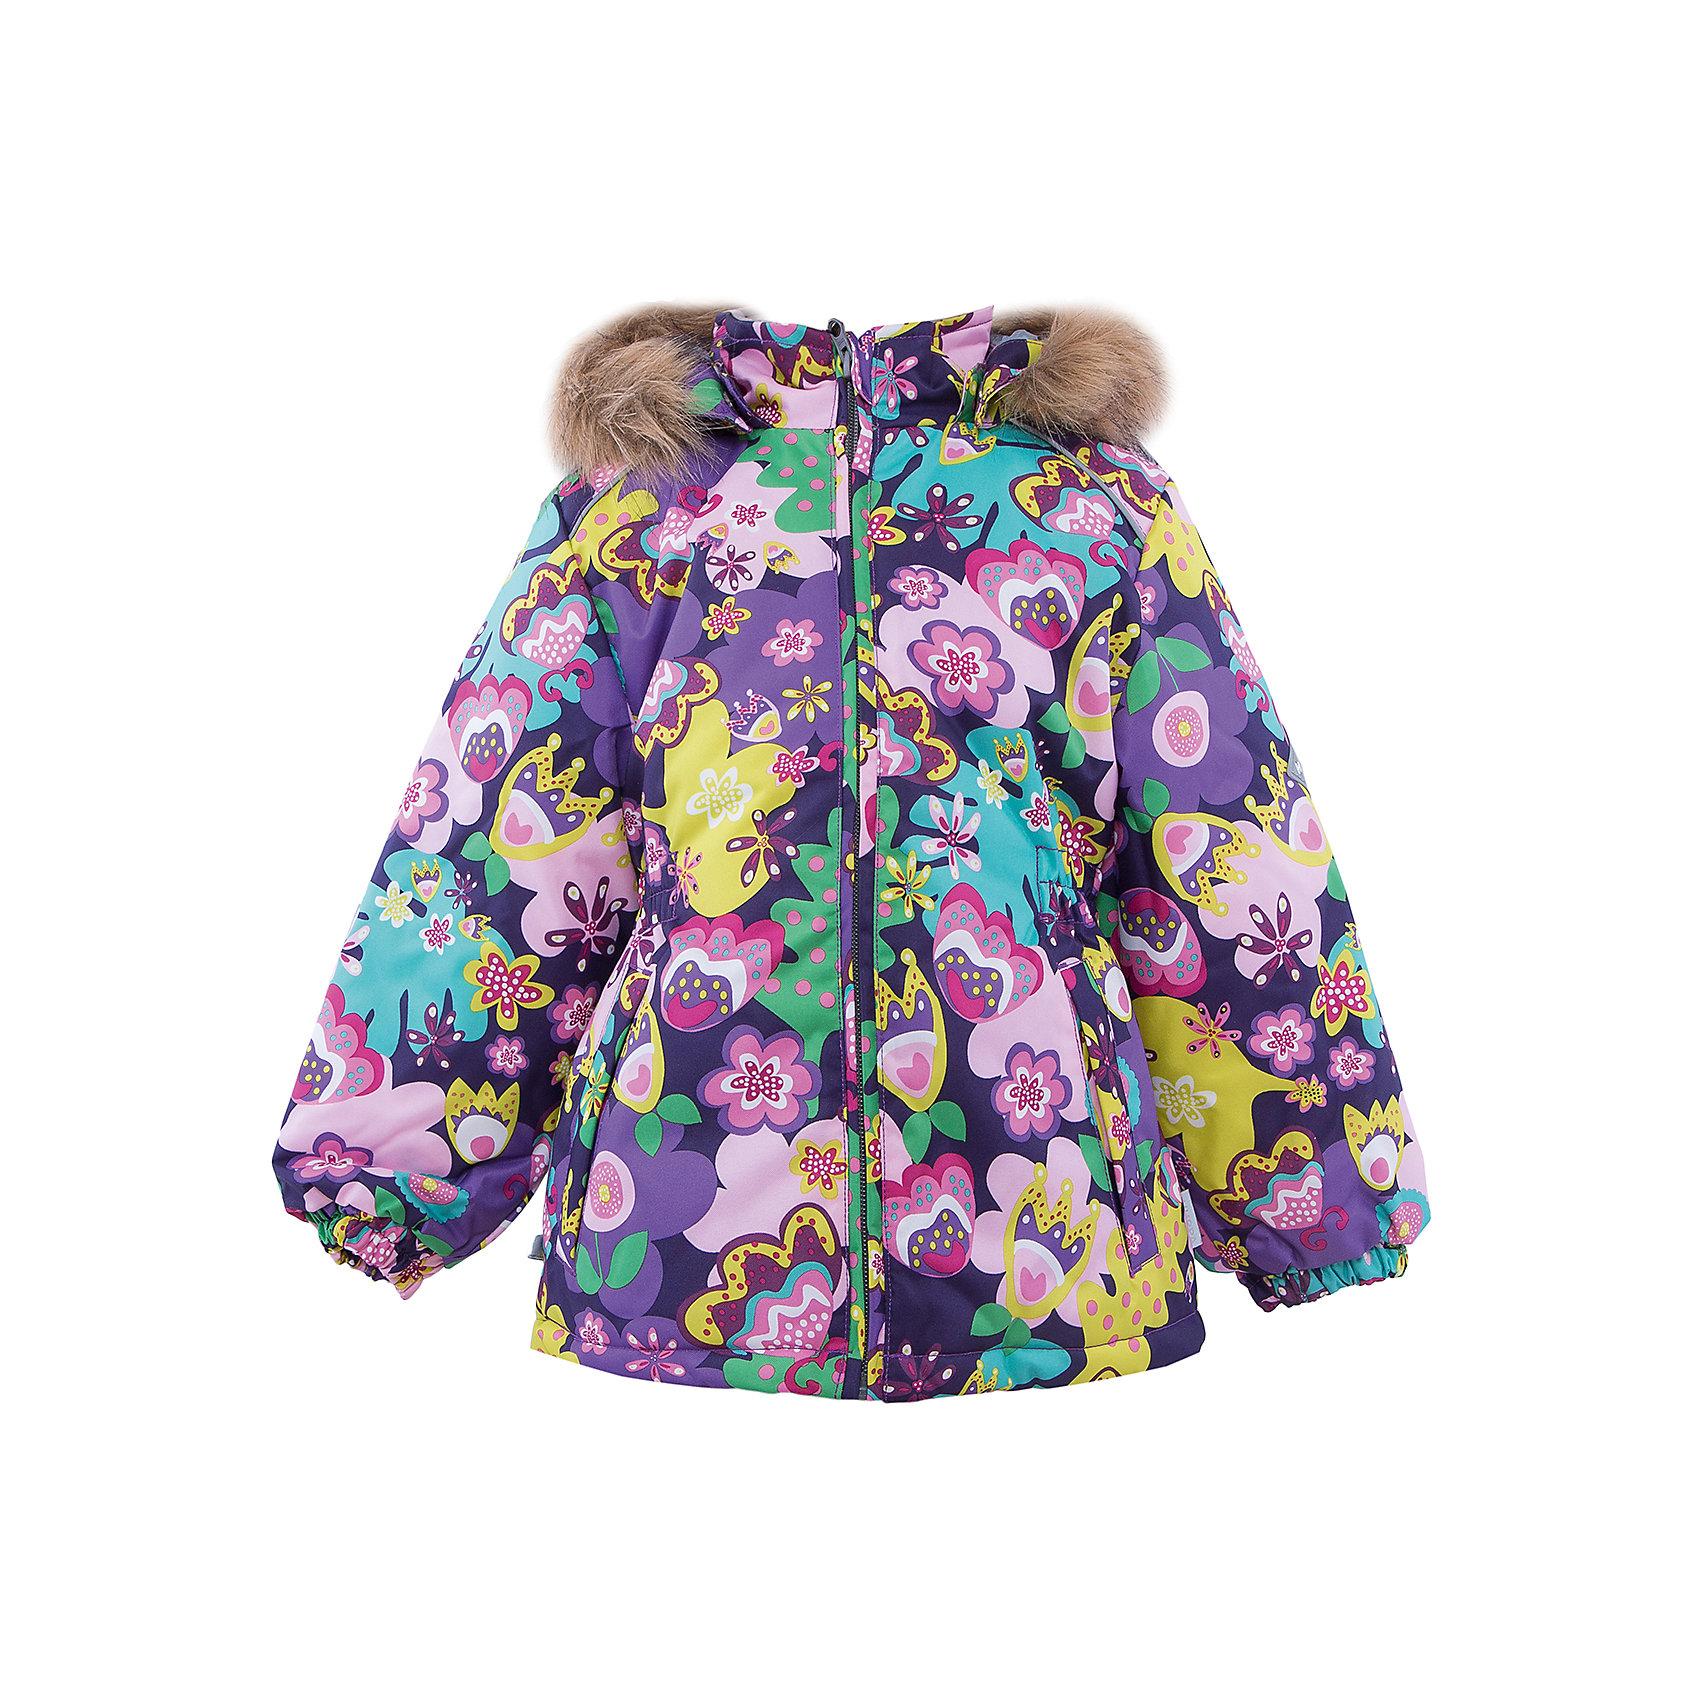 Куртка   для девочки HuppaКуртка MARII Huppa (Хуппа).<br><br>Утеплитель: 100% полиэстер, 300 гр.<br><br>Температурный режим: до -30 градусов. Степень утепления – высокая. <br><br>* Температурный режим указан приблизительно — необходимо, прежде всего, ориентироваться на ощущения ребенка. Температурный режим работает в случае соблюдения правила многослойности – использования флисовой поддевы и термобелья.<br><br>Изготовлена из качественных прочных материалов, не пропускающих воду и ветер. Для удобства и комфорта ребенка куртка имеет резинки на манжетах, капюшон и искусственным мехом, резинку на поясе, светоотражающие элементы. Утеплитель HuppaTherm легко стирать и удобно сушить. Яркий дизайн в сочетании с высоким качеством - превосходный выбор для юных модниц!<br><br>Дополнительная информация:<br>Съемный капюшон с отстегивающимся мехом<br>Материал: 100% полиэстер<br>Подкладка: тафта - 100% полиэстер, флис - 100% полиэстер<br>Цвет: салатовый/лиловый<br><br>Куртку MARII Huppa(Хуппа) можно купить в нашем интернет-магазине.<br><br>Ширина мм: 356<br>Глубина мм: 10<br>Высота мм: 245<br>Вес г: 519<br>Цвет: фиолетовый<br>Возраст от месяцев: 72<br>Возраст до месяцев: 84<br>Пол: Женский<br>Возраст: Детский<br>Размер: 122,92,140,134,128,116,110,104,98<br>SKU: 4928323